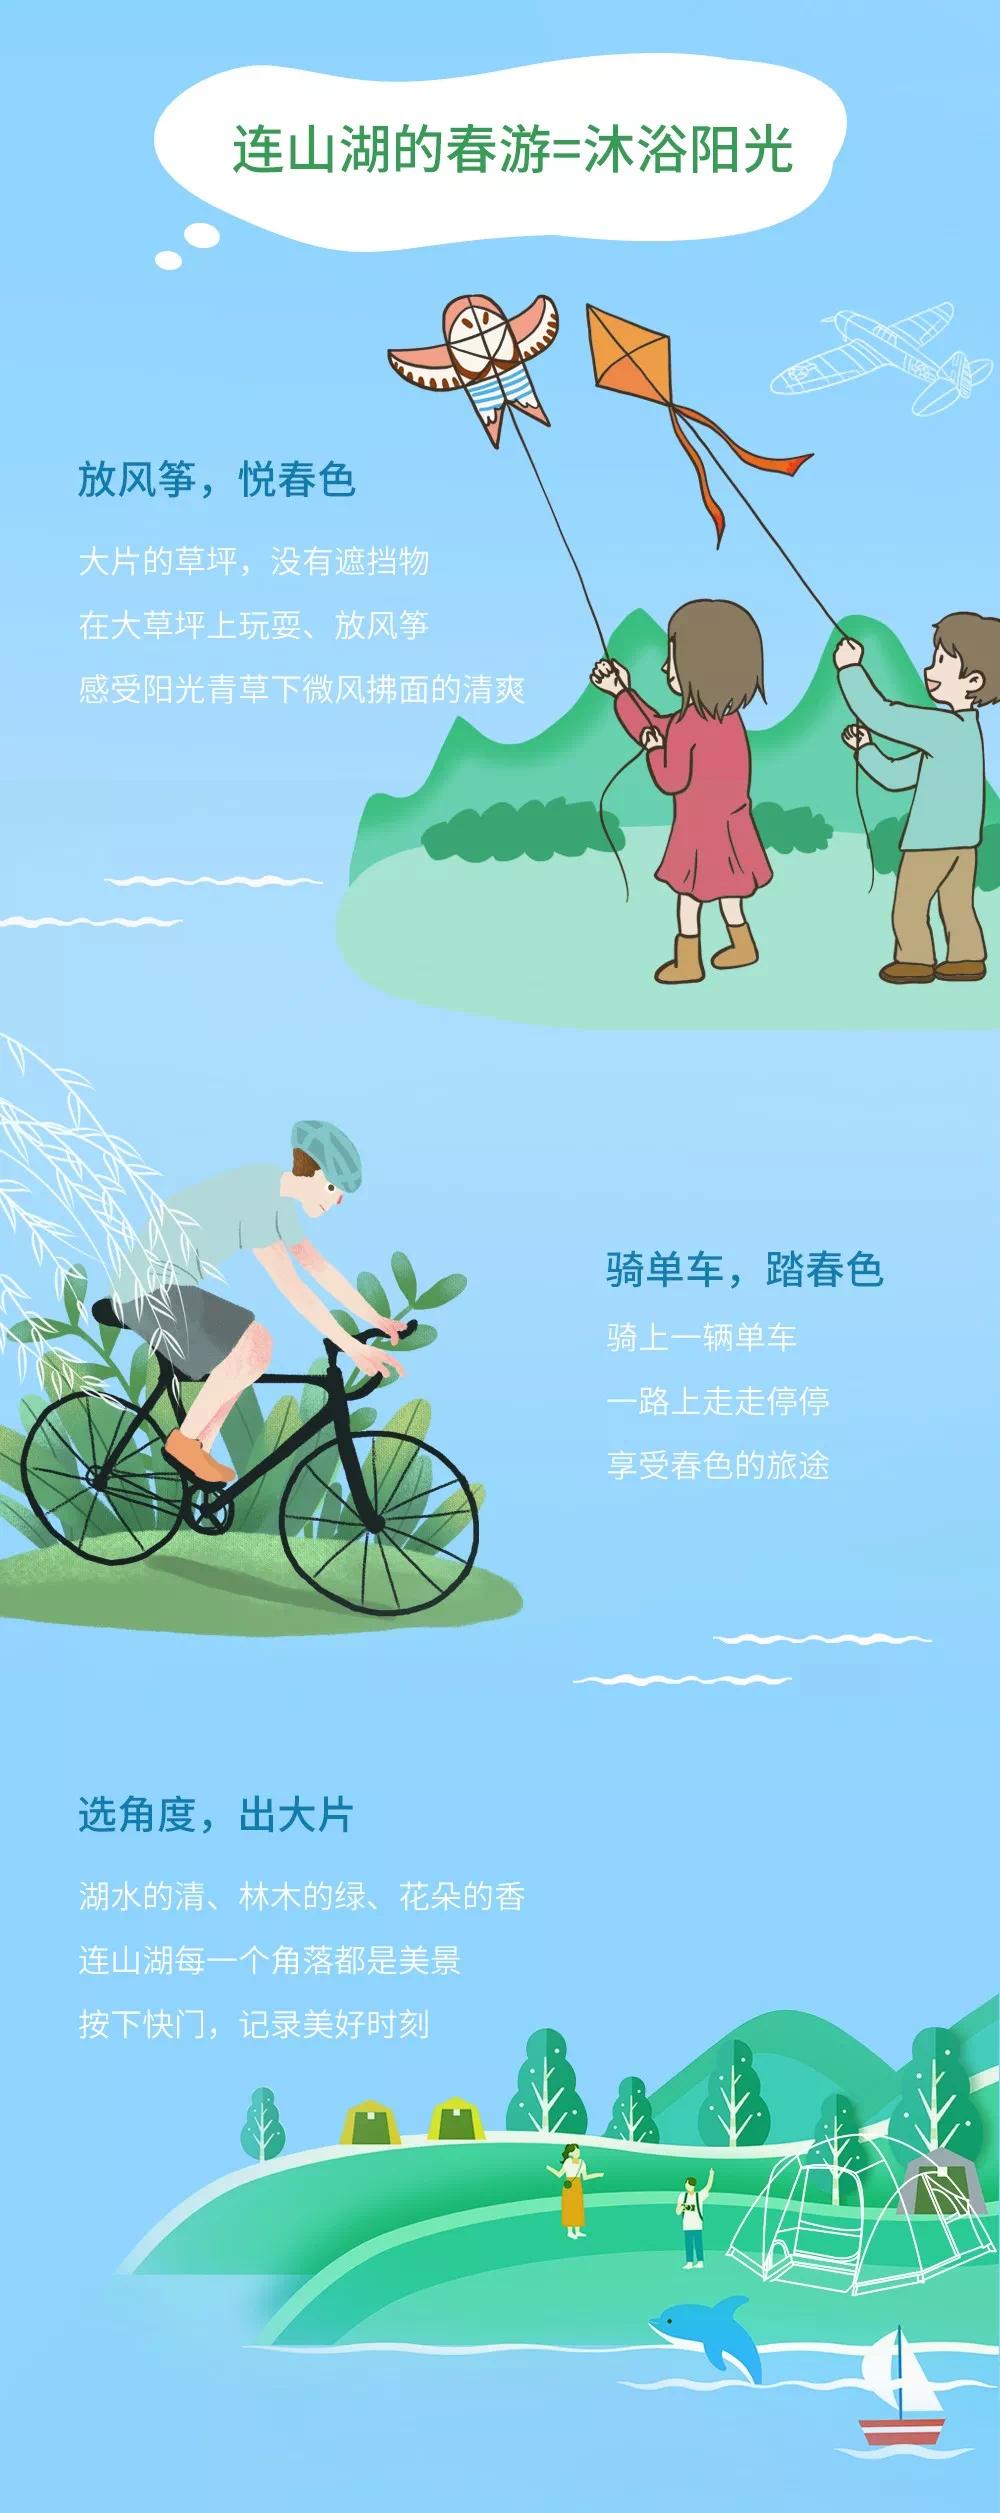 【精彩回顾】连山湖一日游完美收官!